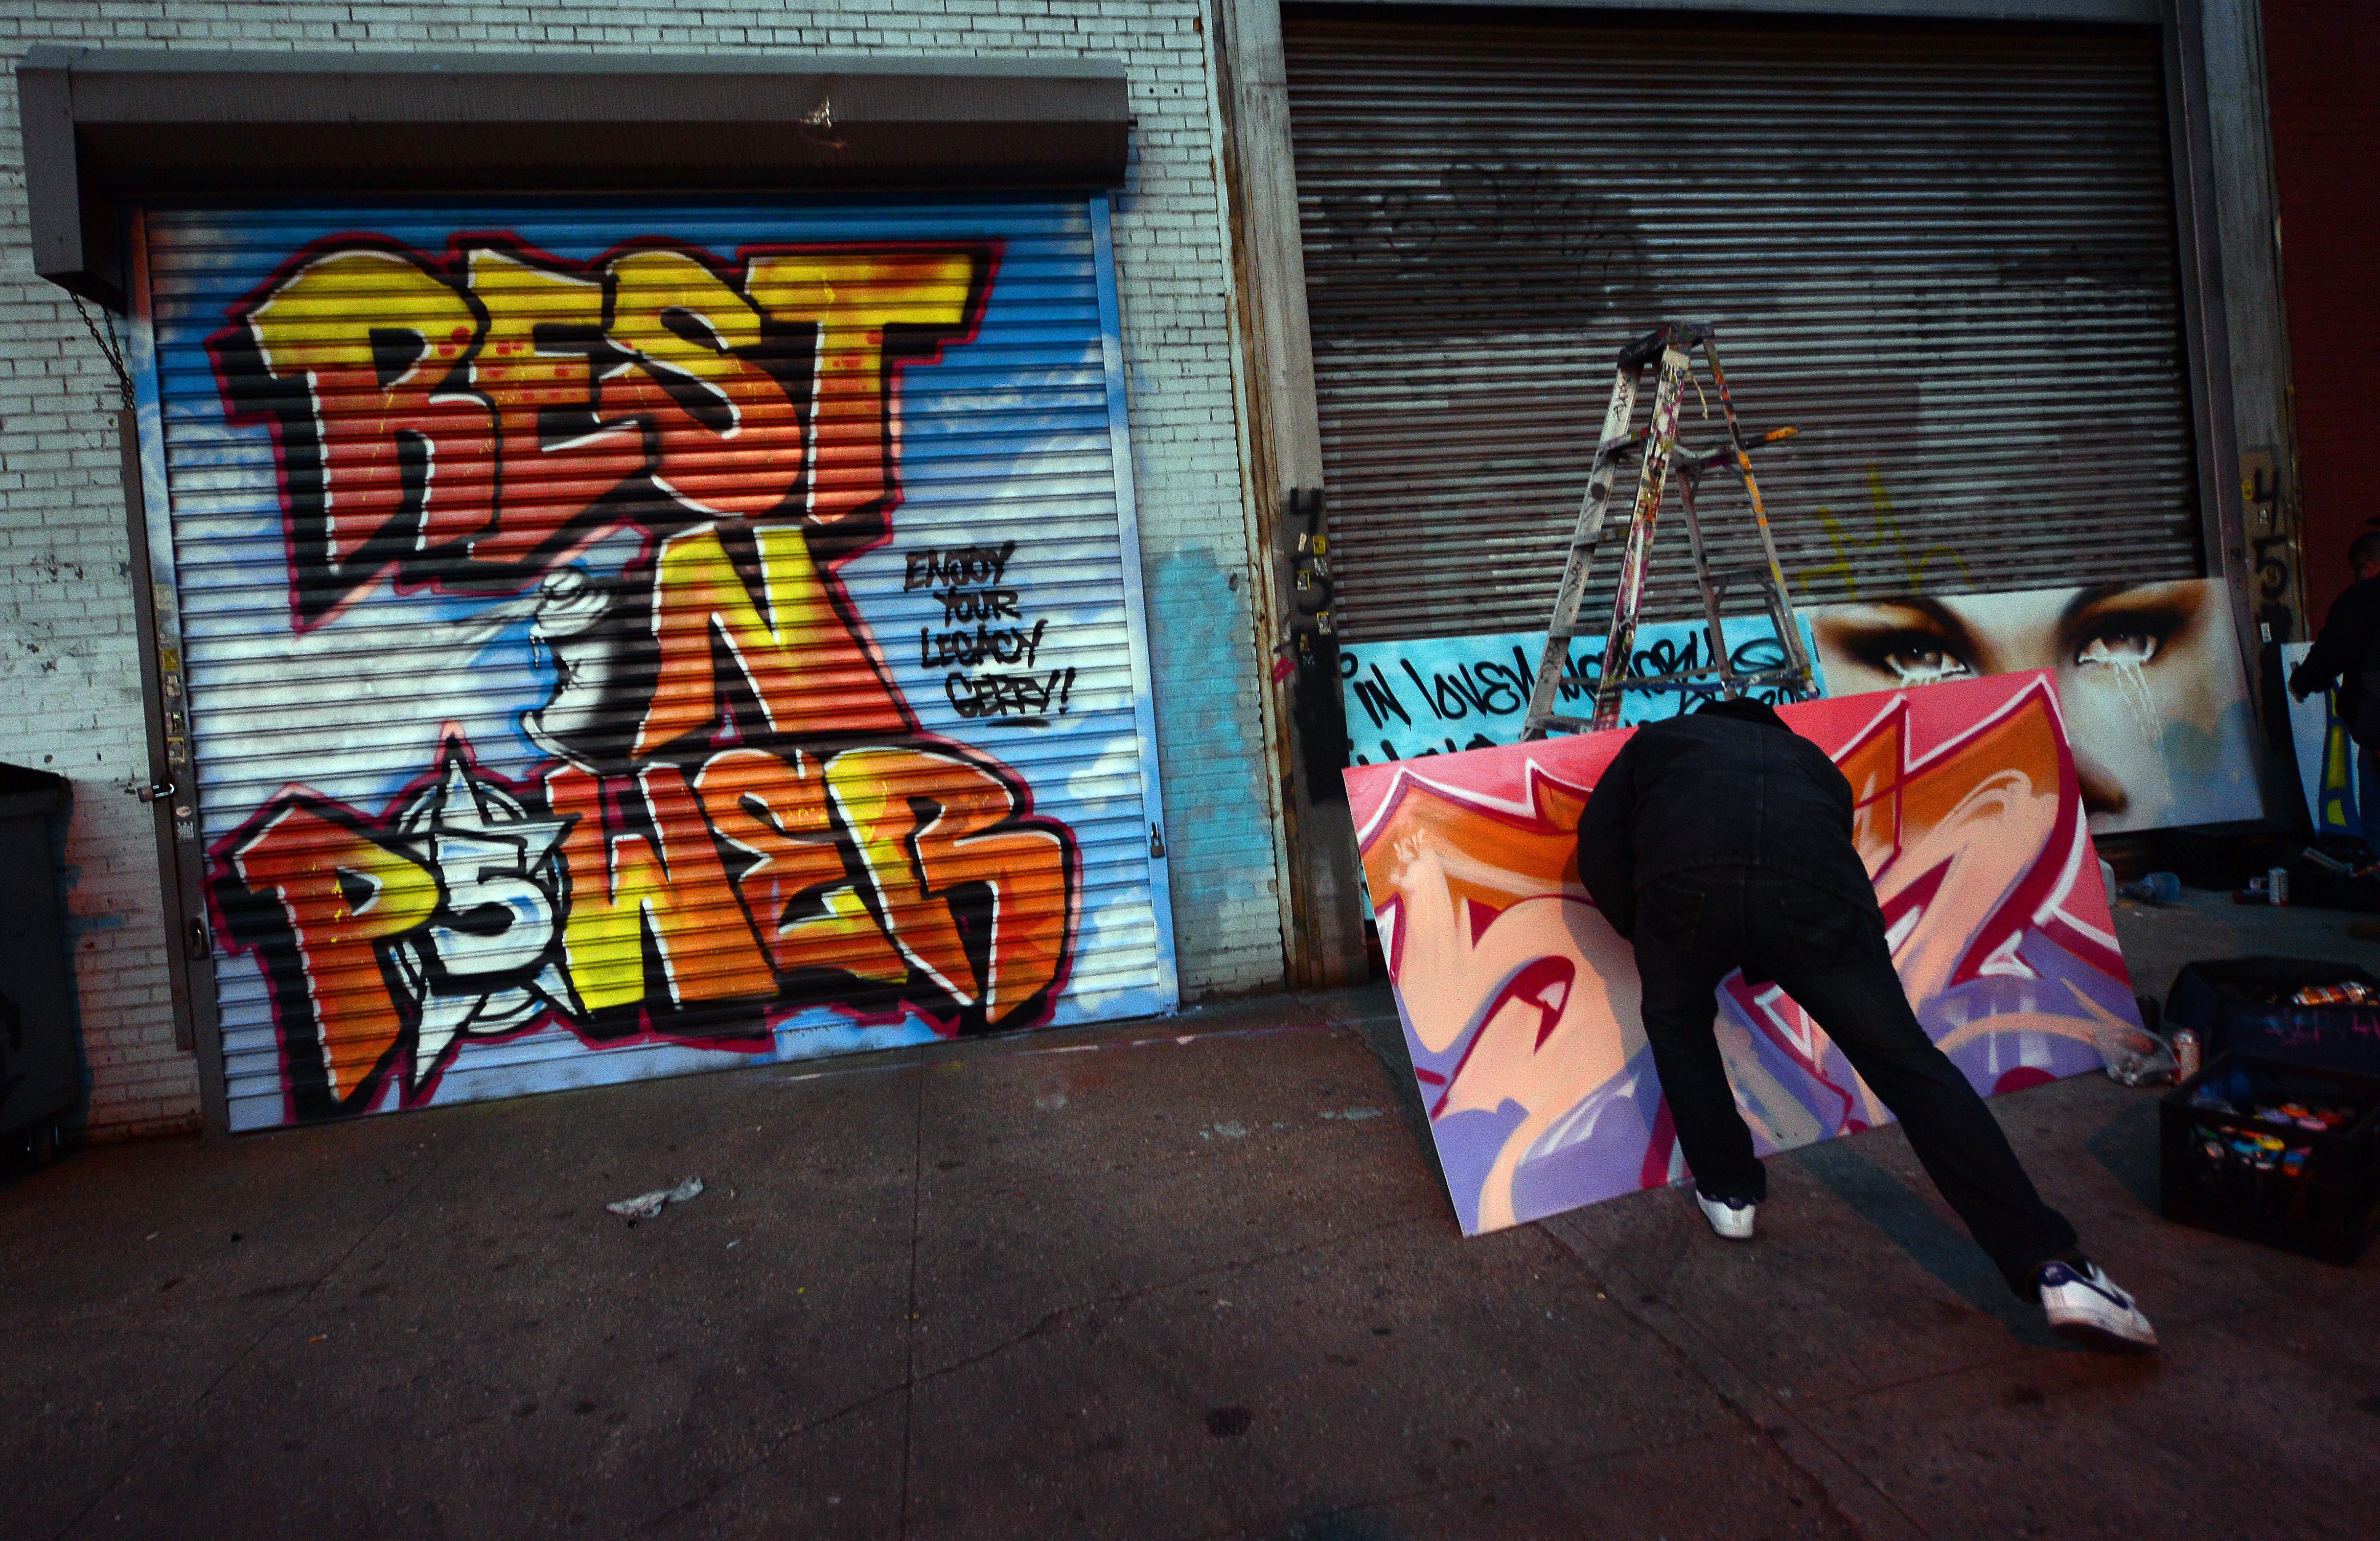 Graffiti wall in queens ny - 2013 11 21 5pointz_original3 Jpg